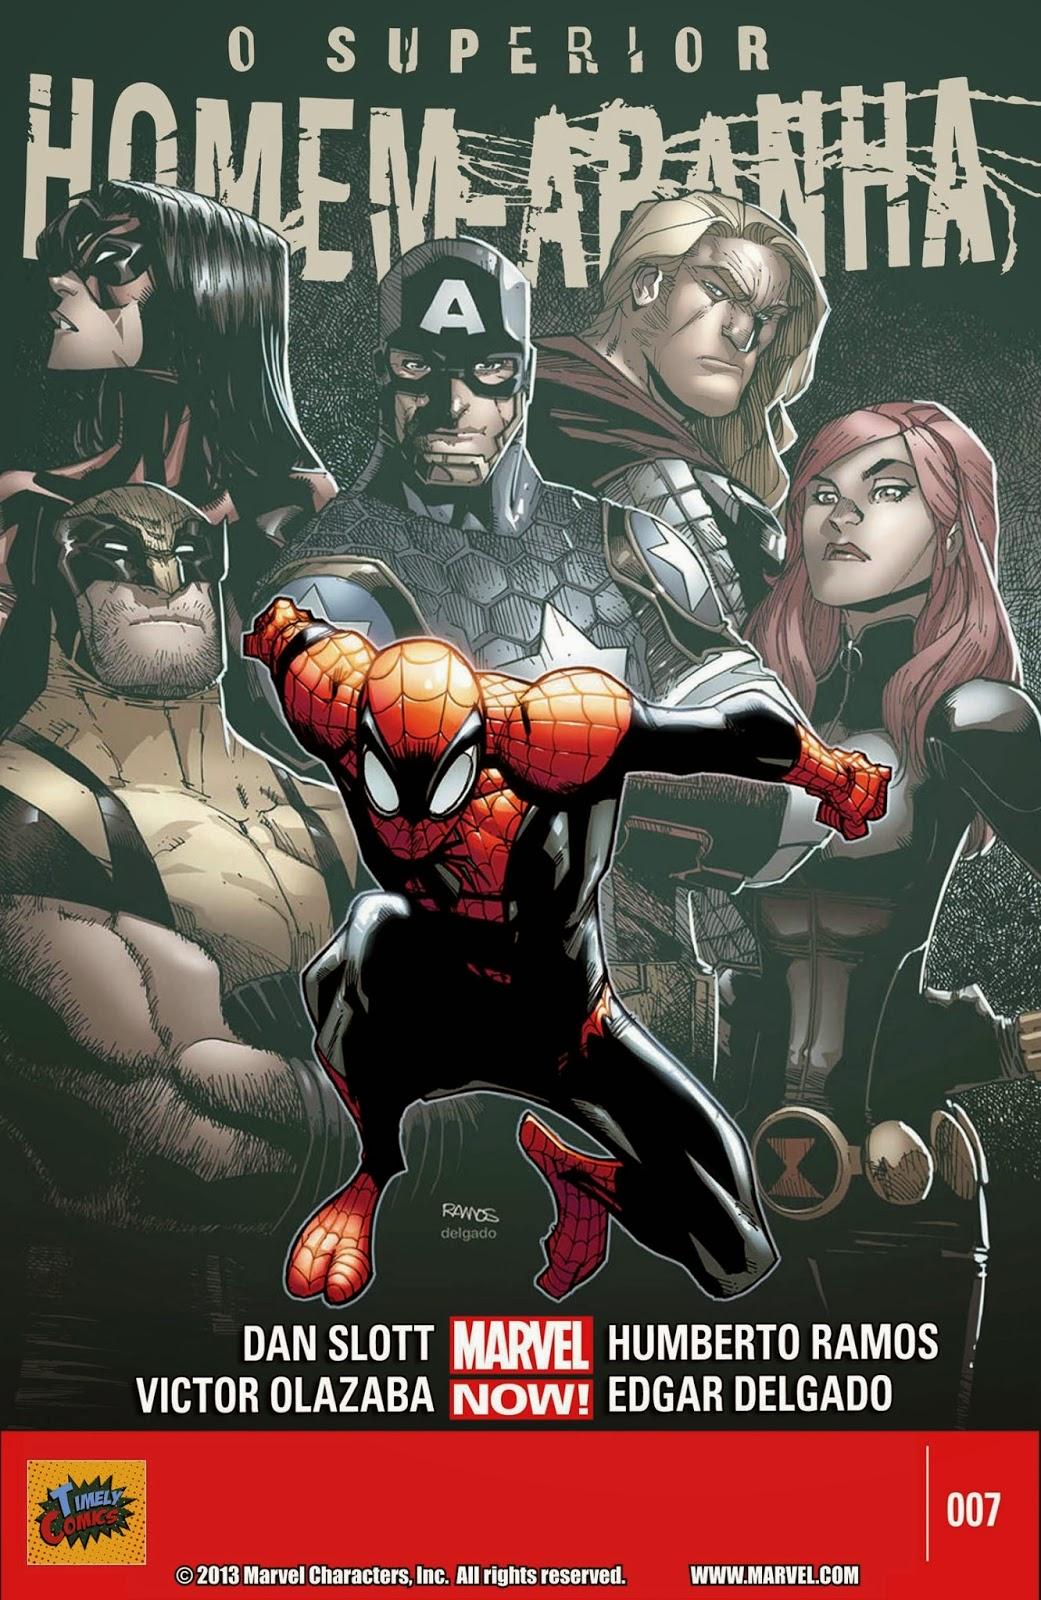 Nova Marvel! O Superior Homem-Aranha #7